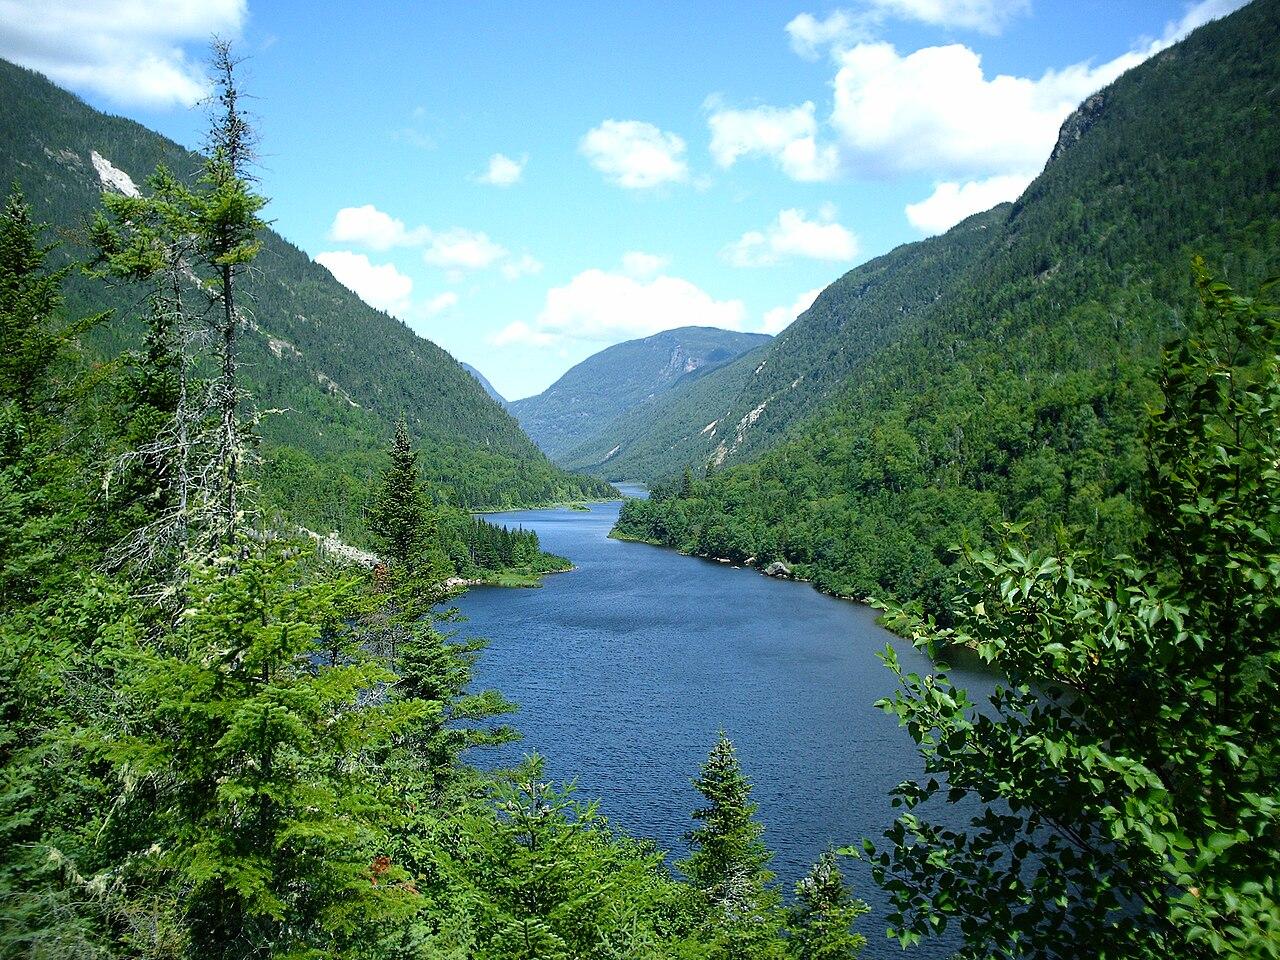 File:Malbaie River in Hautes-Gorges-de-la-Rivière-Malbaie ...